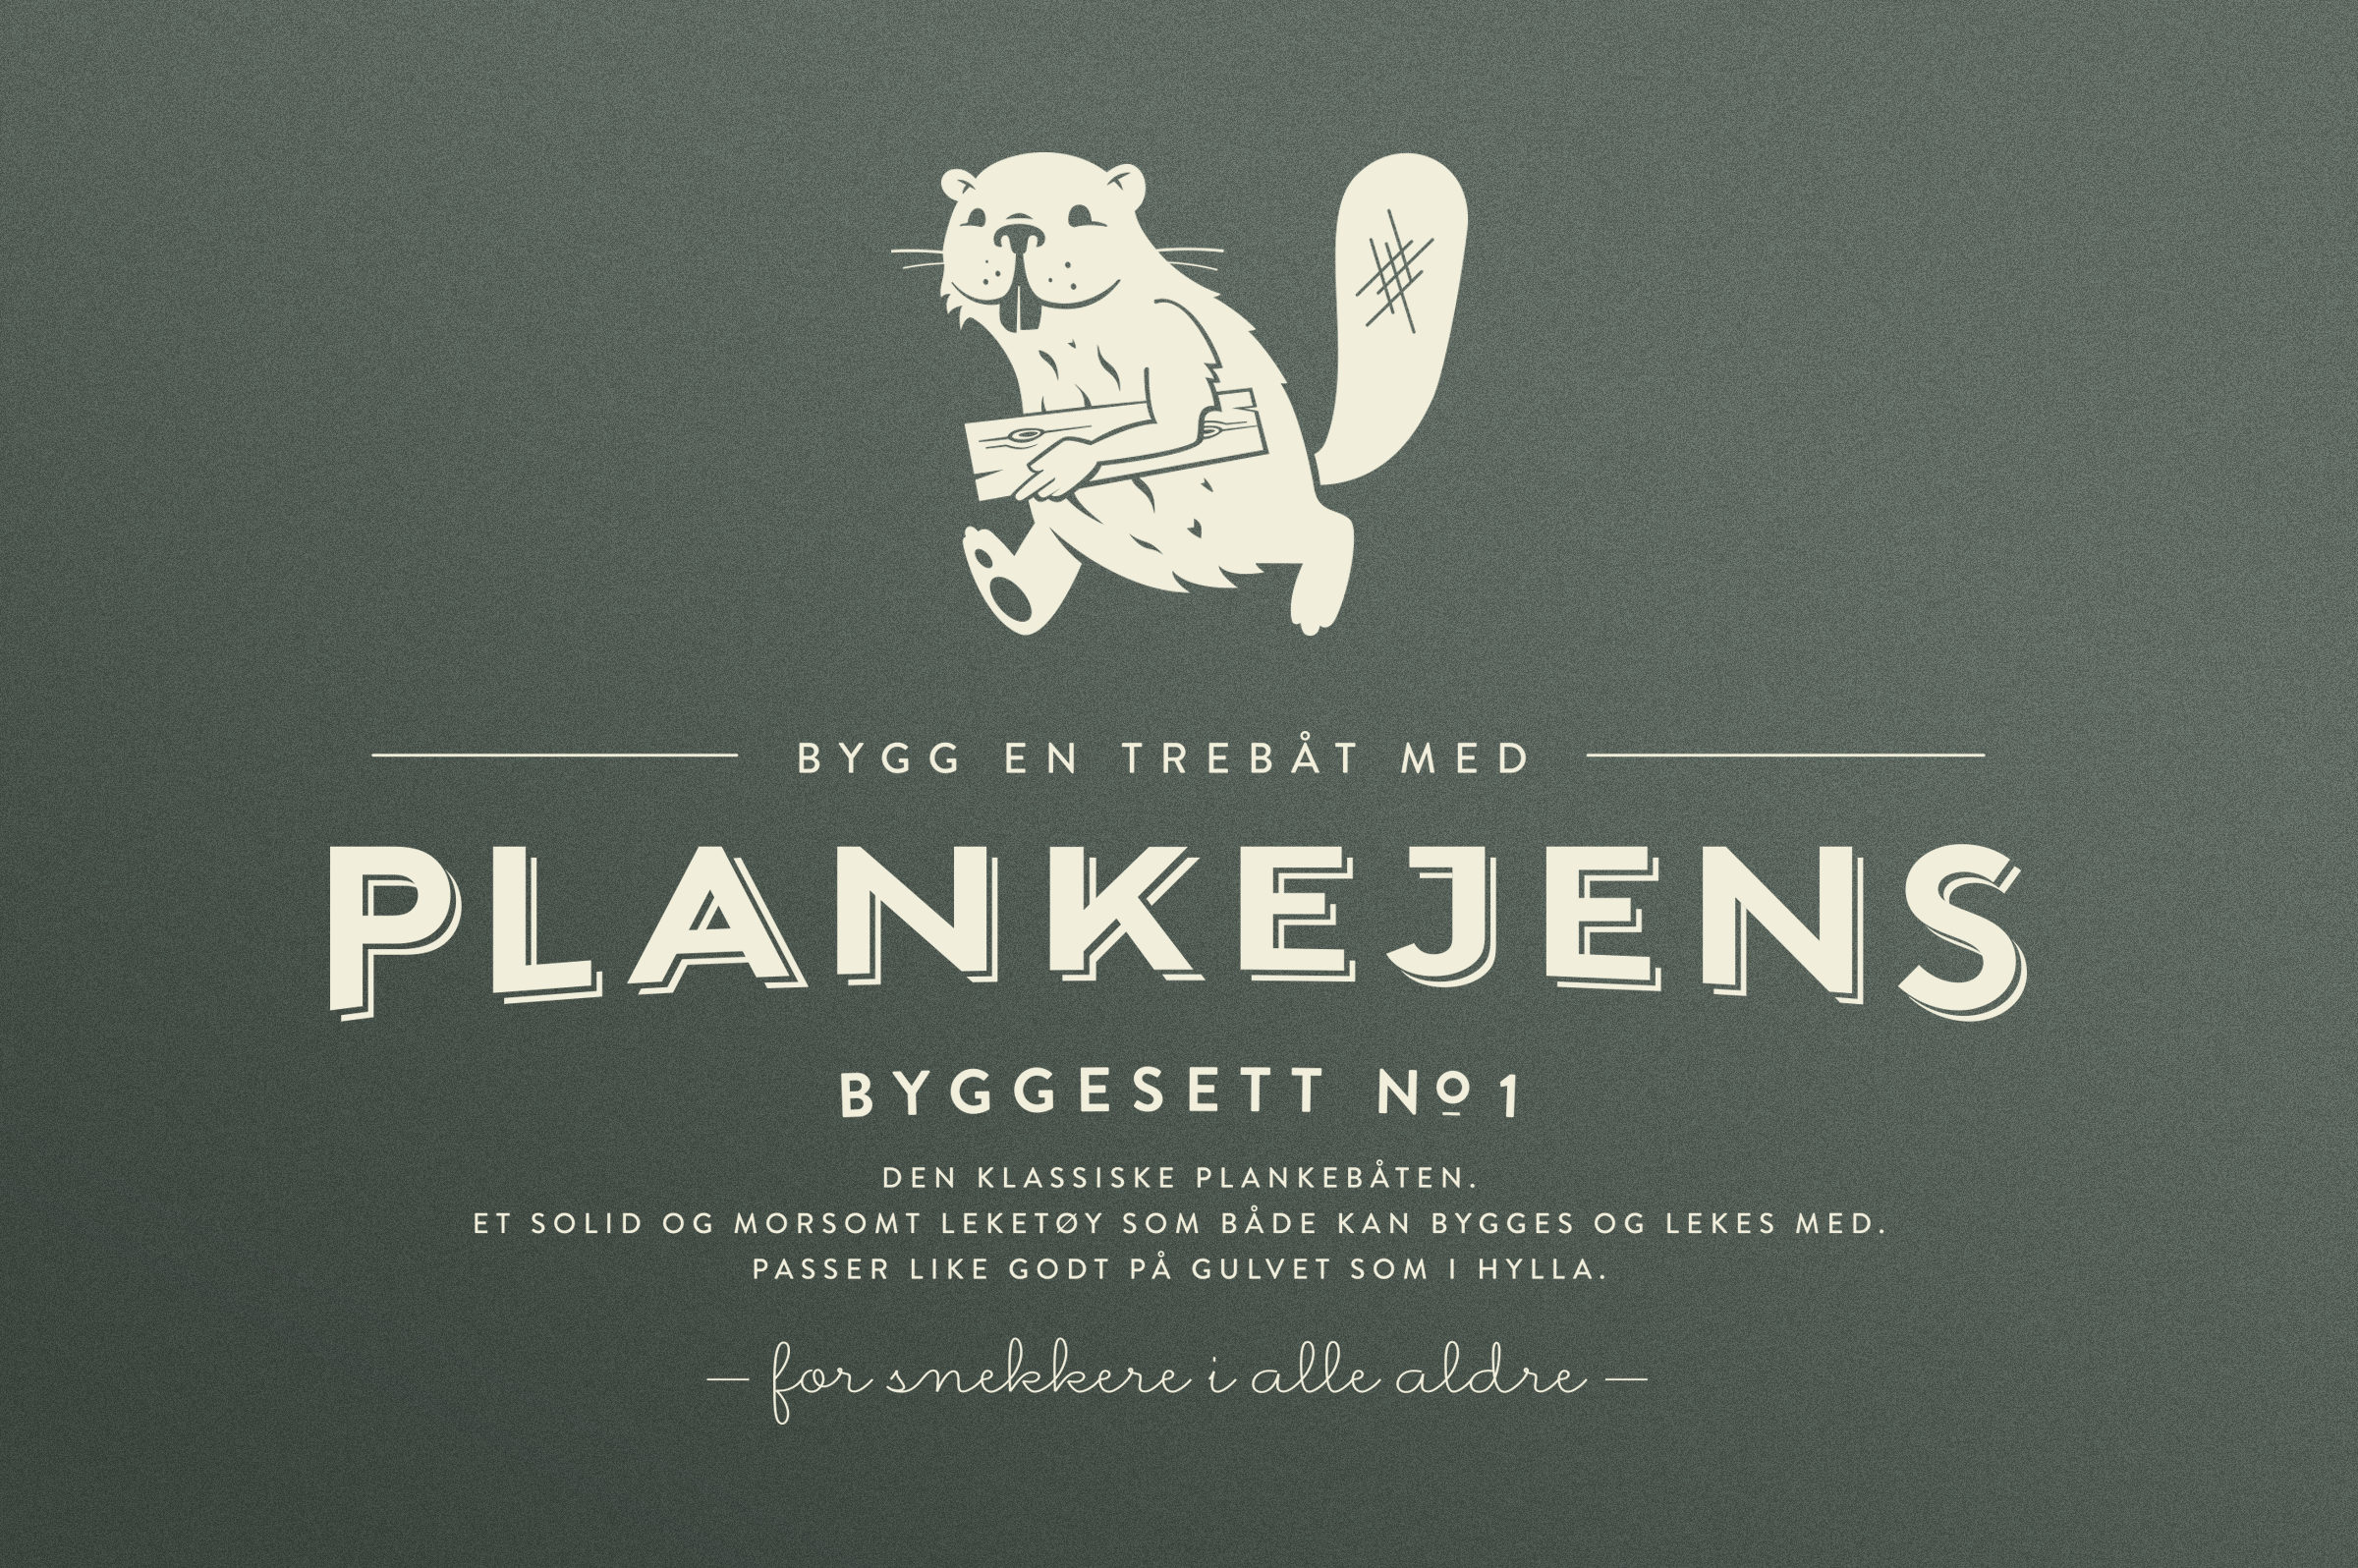 plankejens_front2